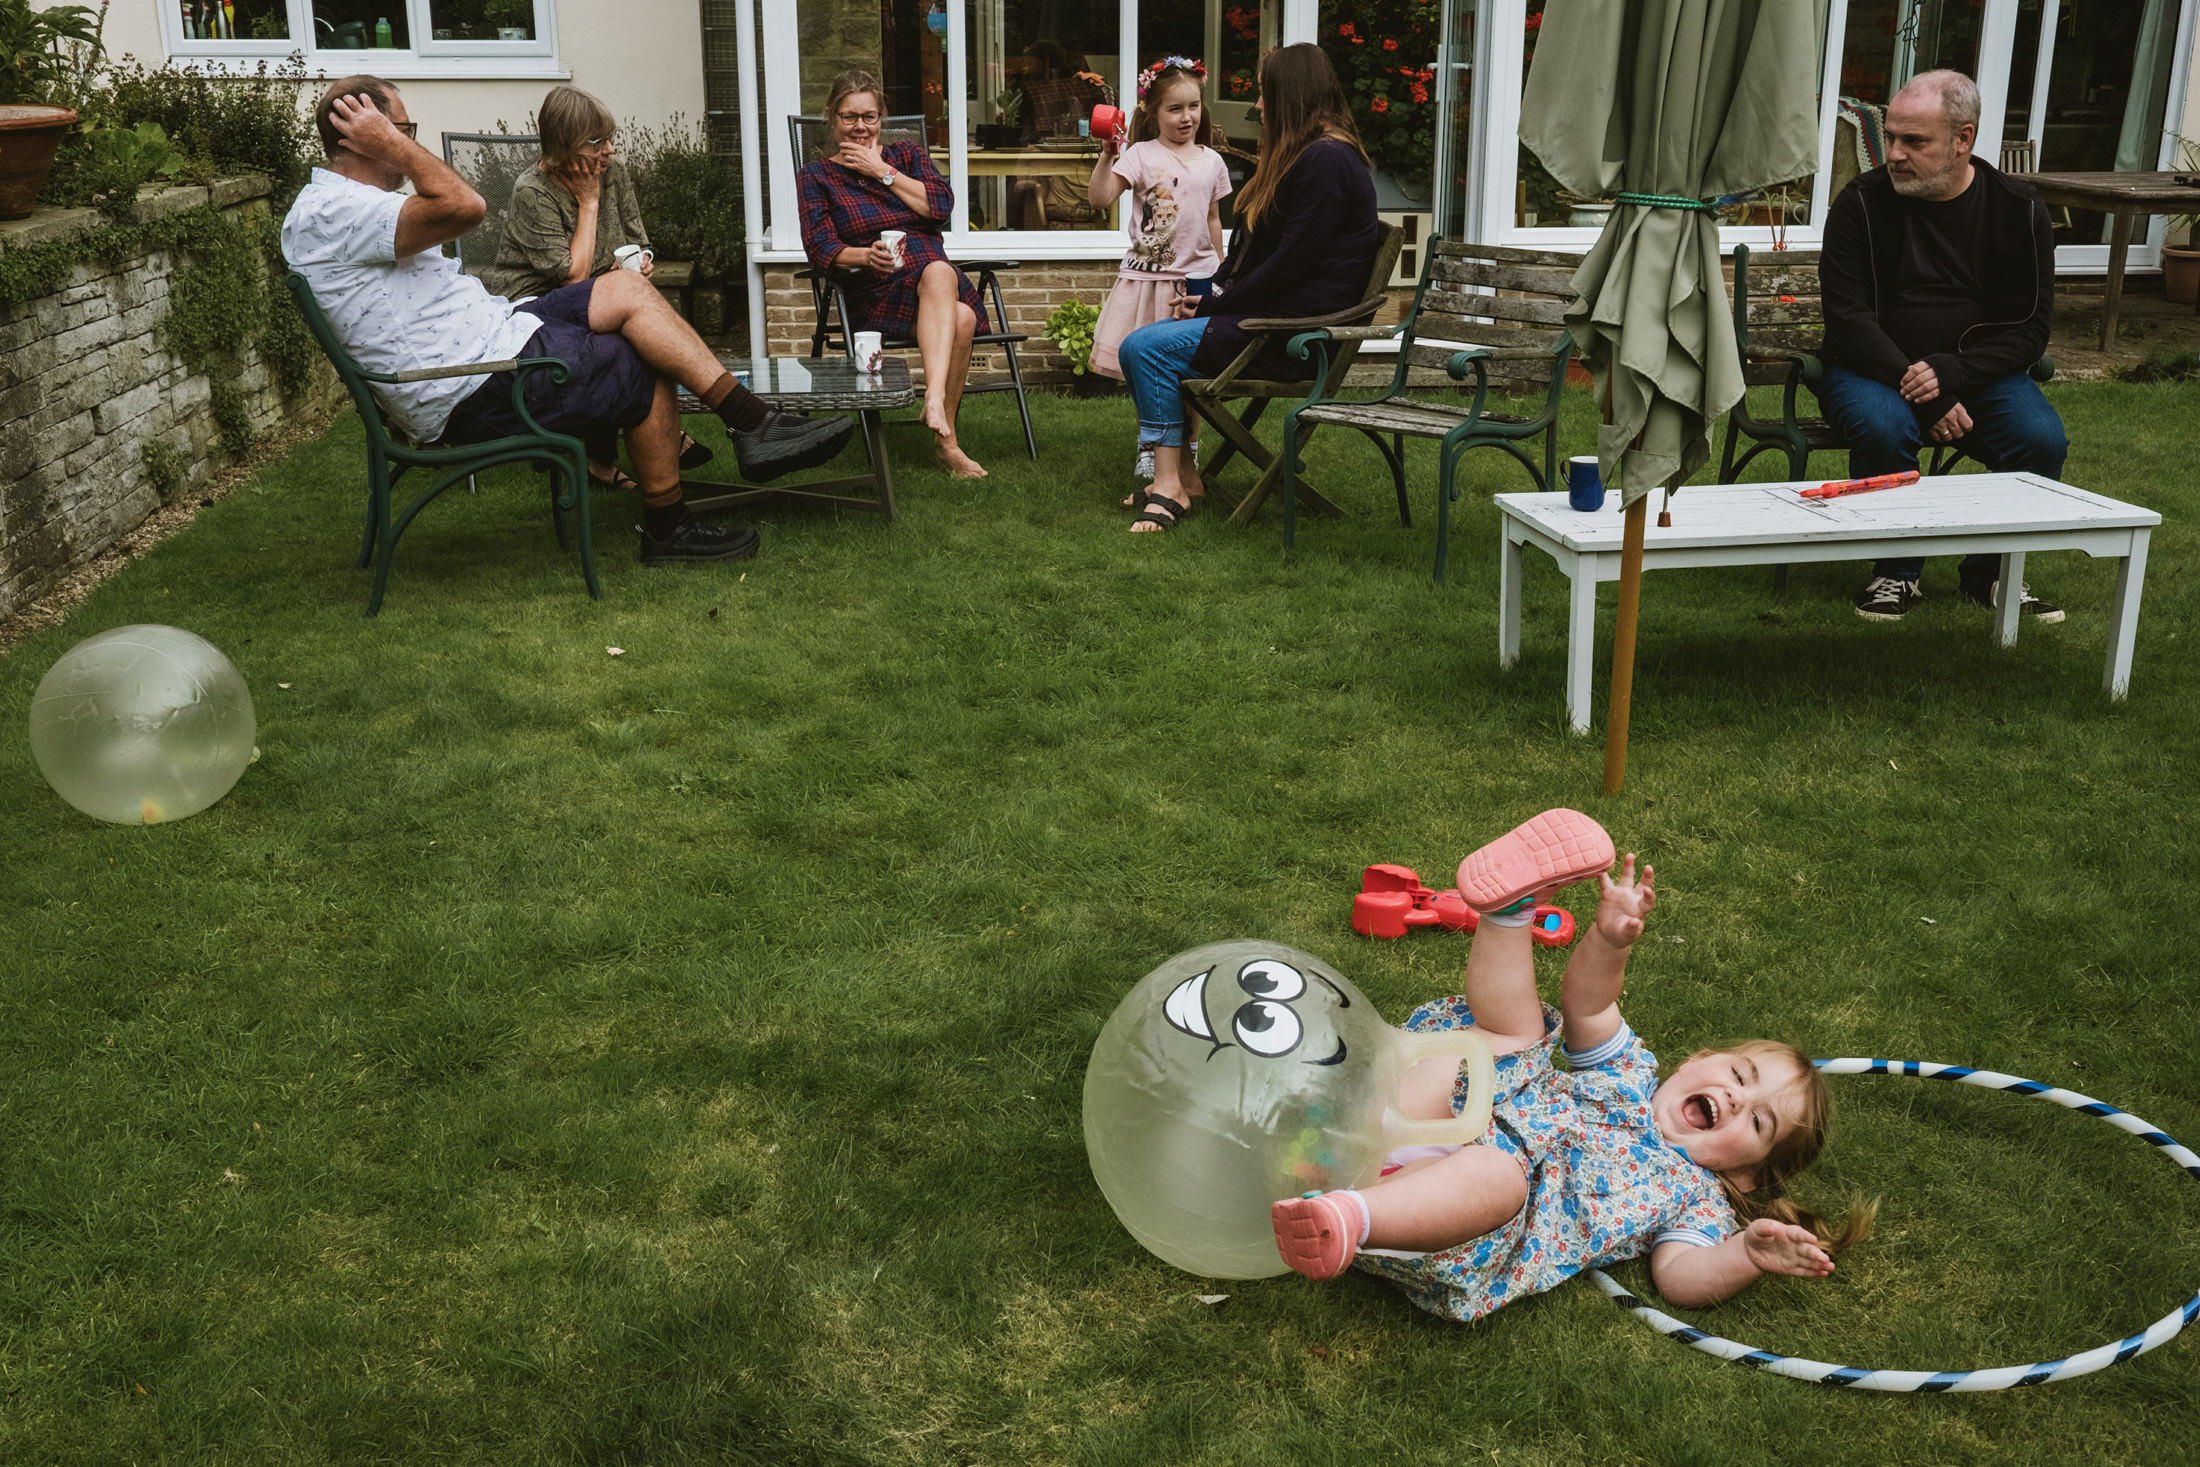 little girl fell off bouncer, laughing